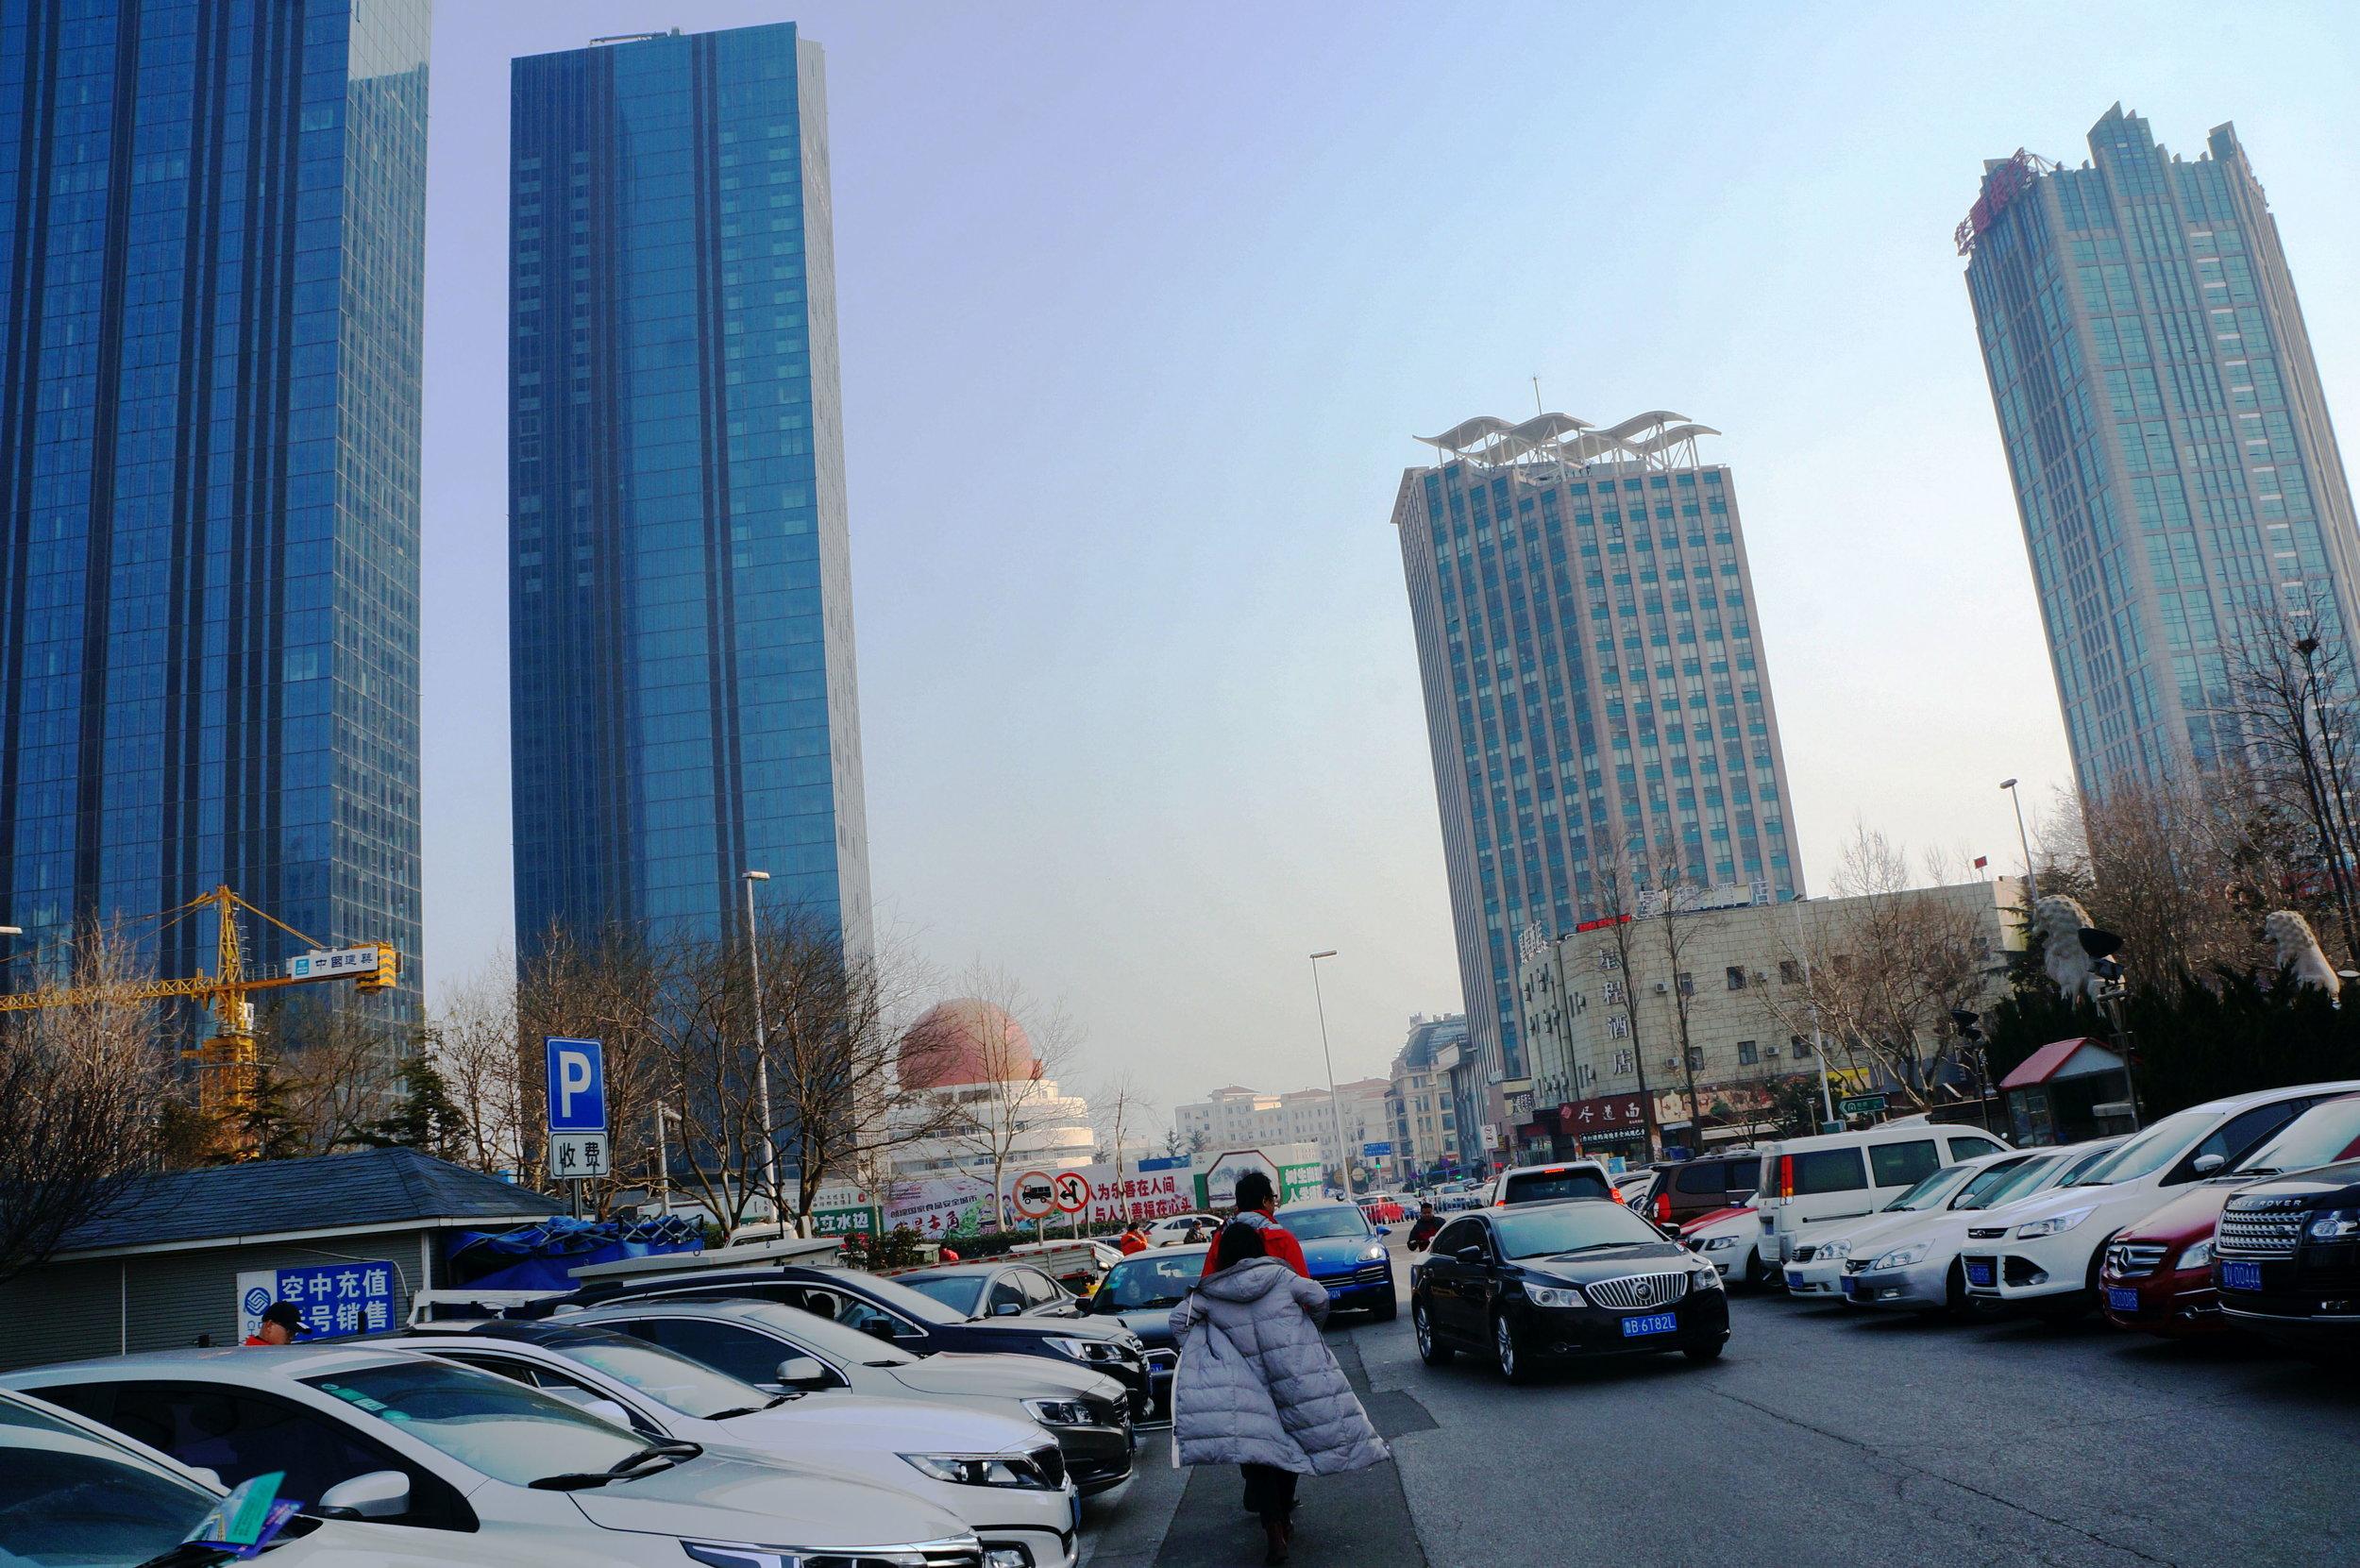 Motiv 1 - Geschäftsviertel - business district